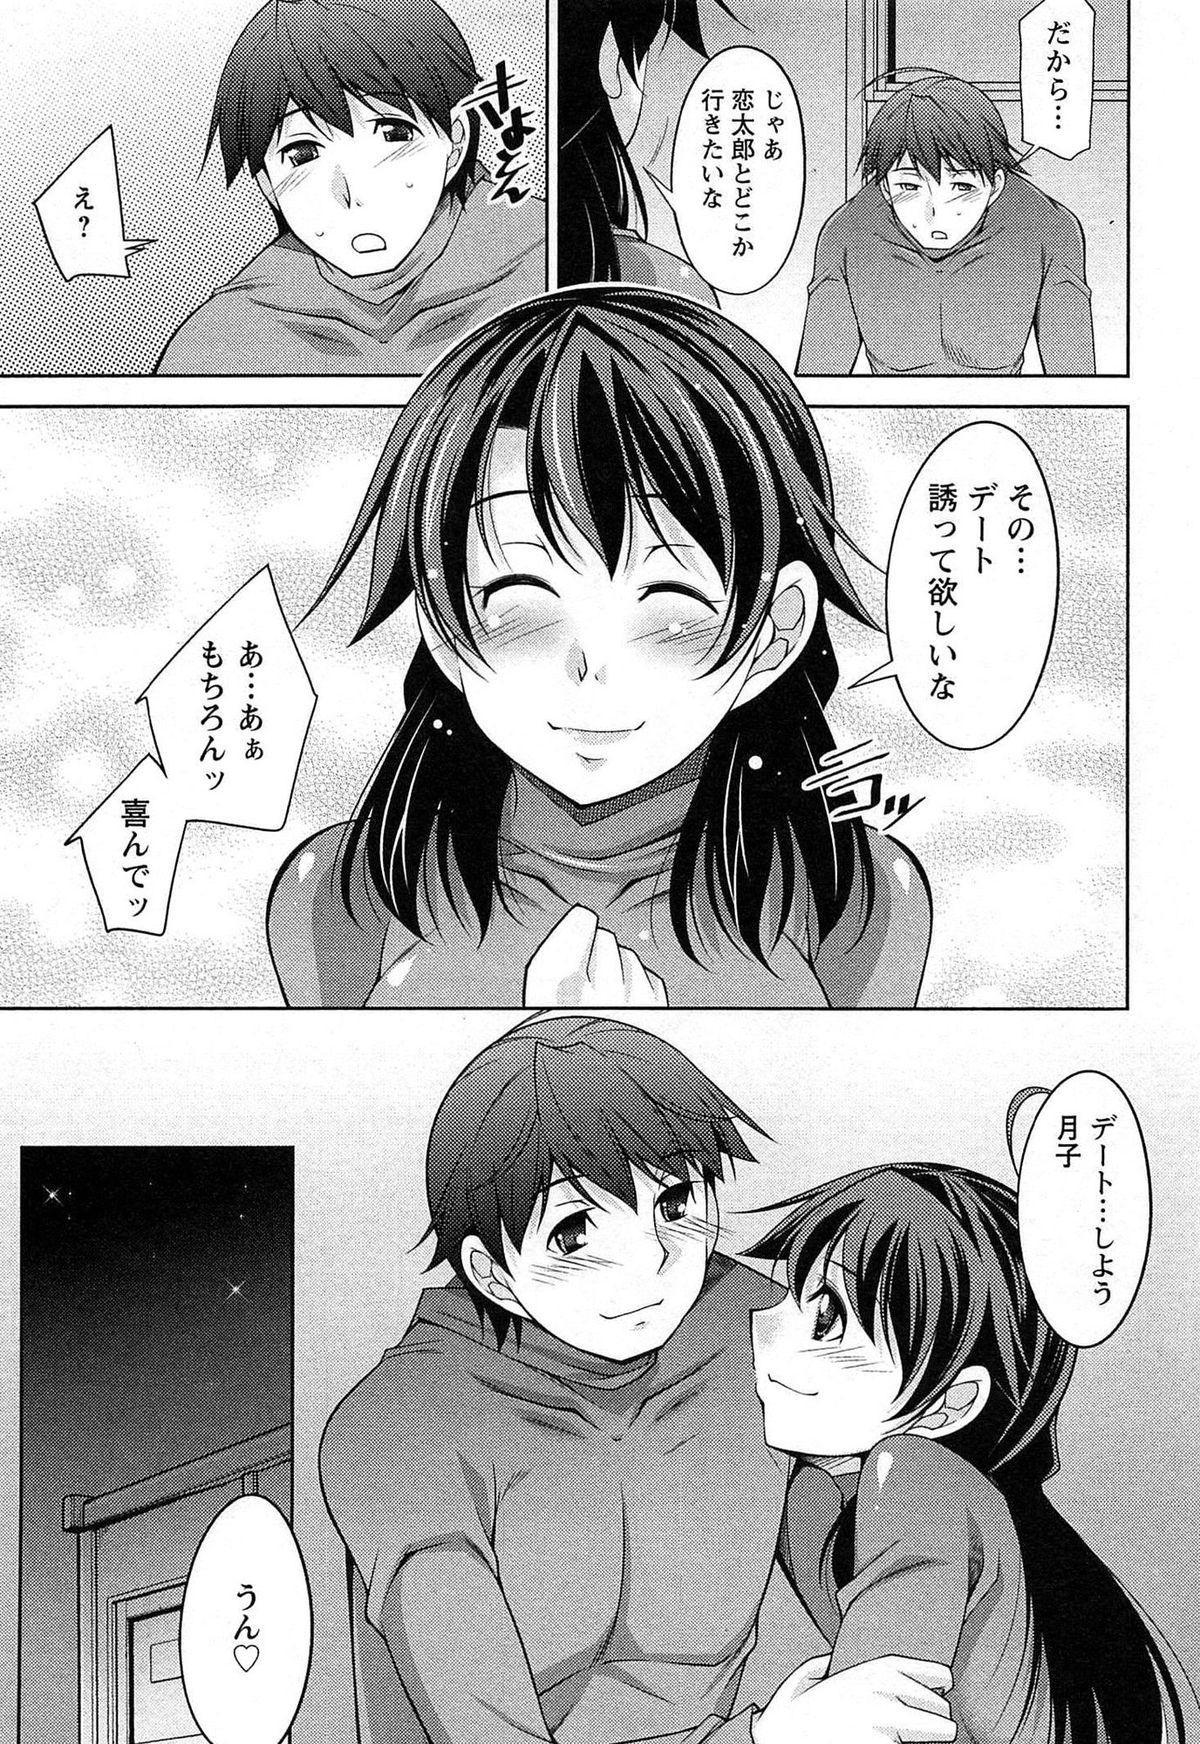 [zen9] Tsuki-wo Ai-Shite - Tsuki-ni Koi-shite 2 39